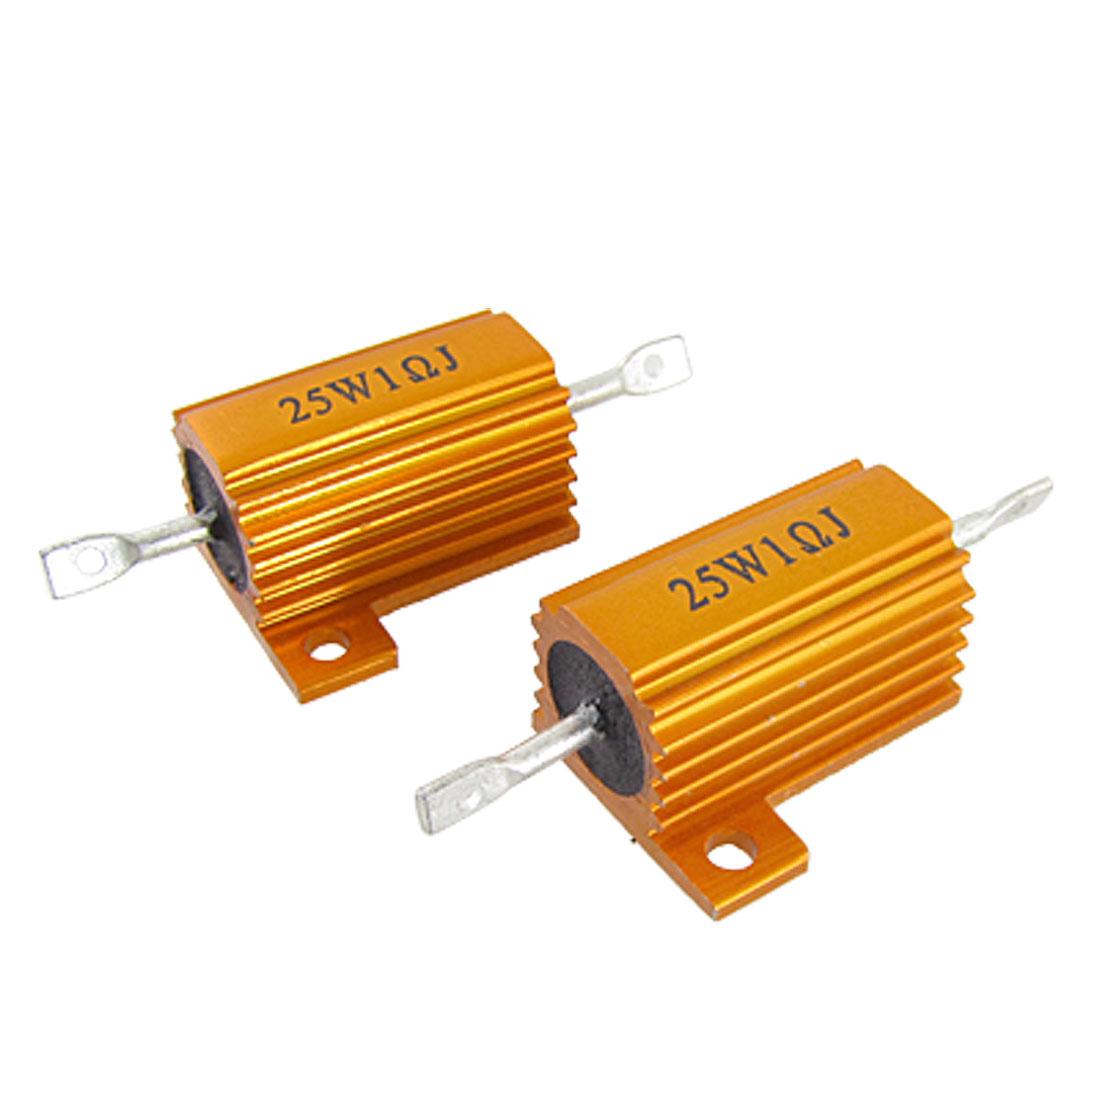 2 Pcs Gold Tone 25W 1 Ohm 5% Aluminum Clad Wire Wound Resistors